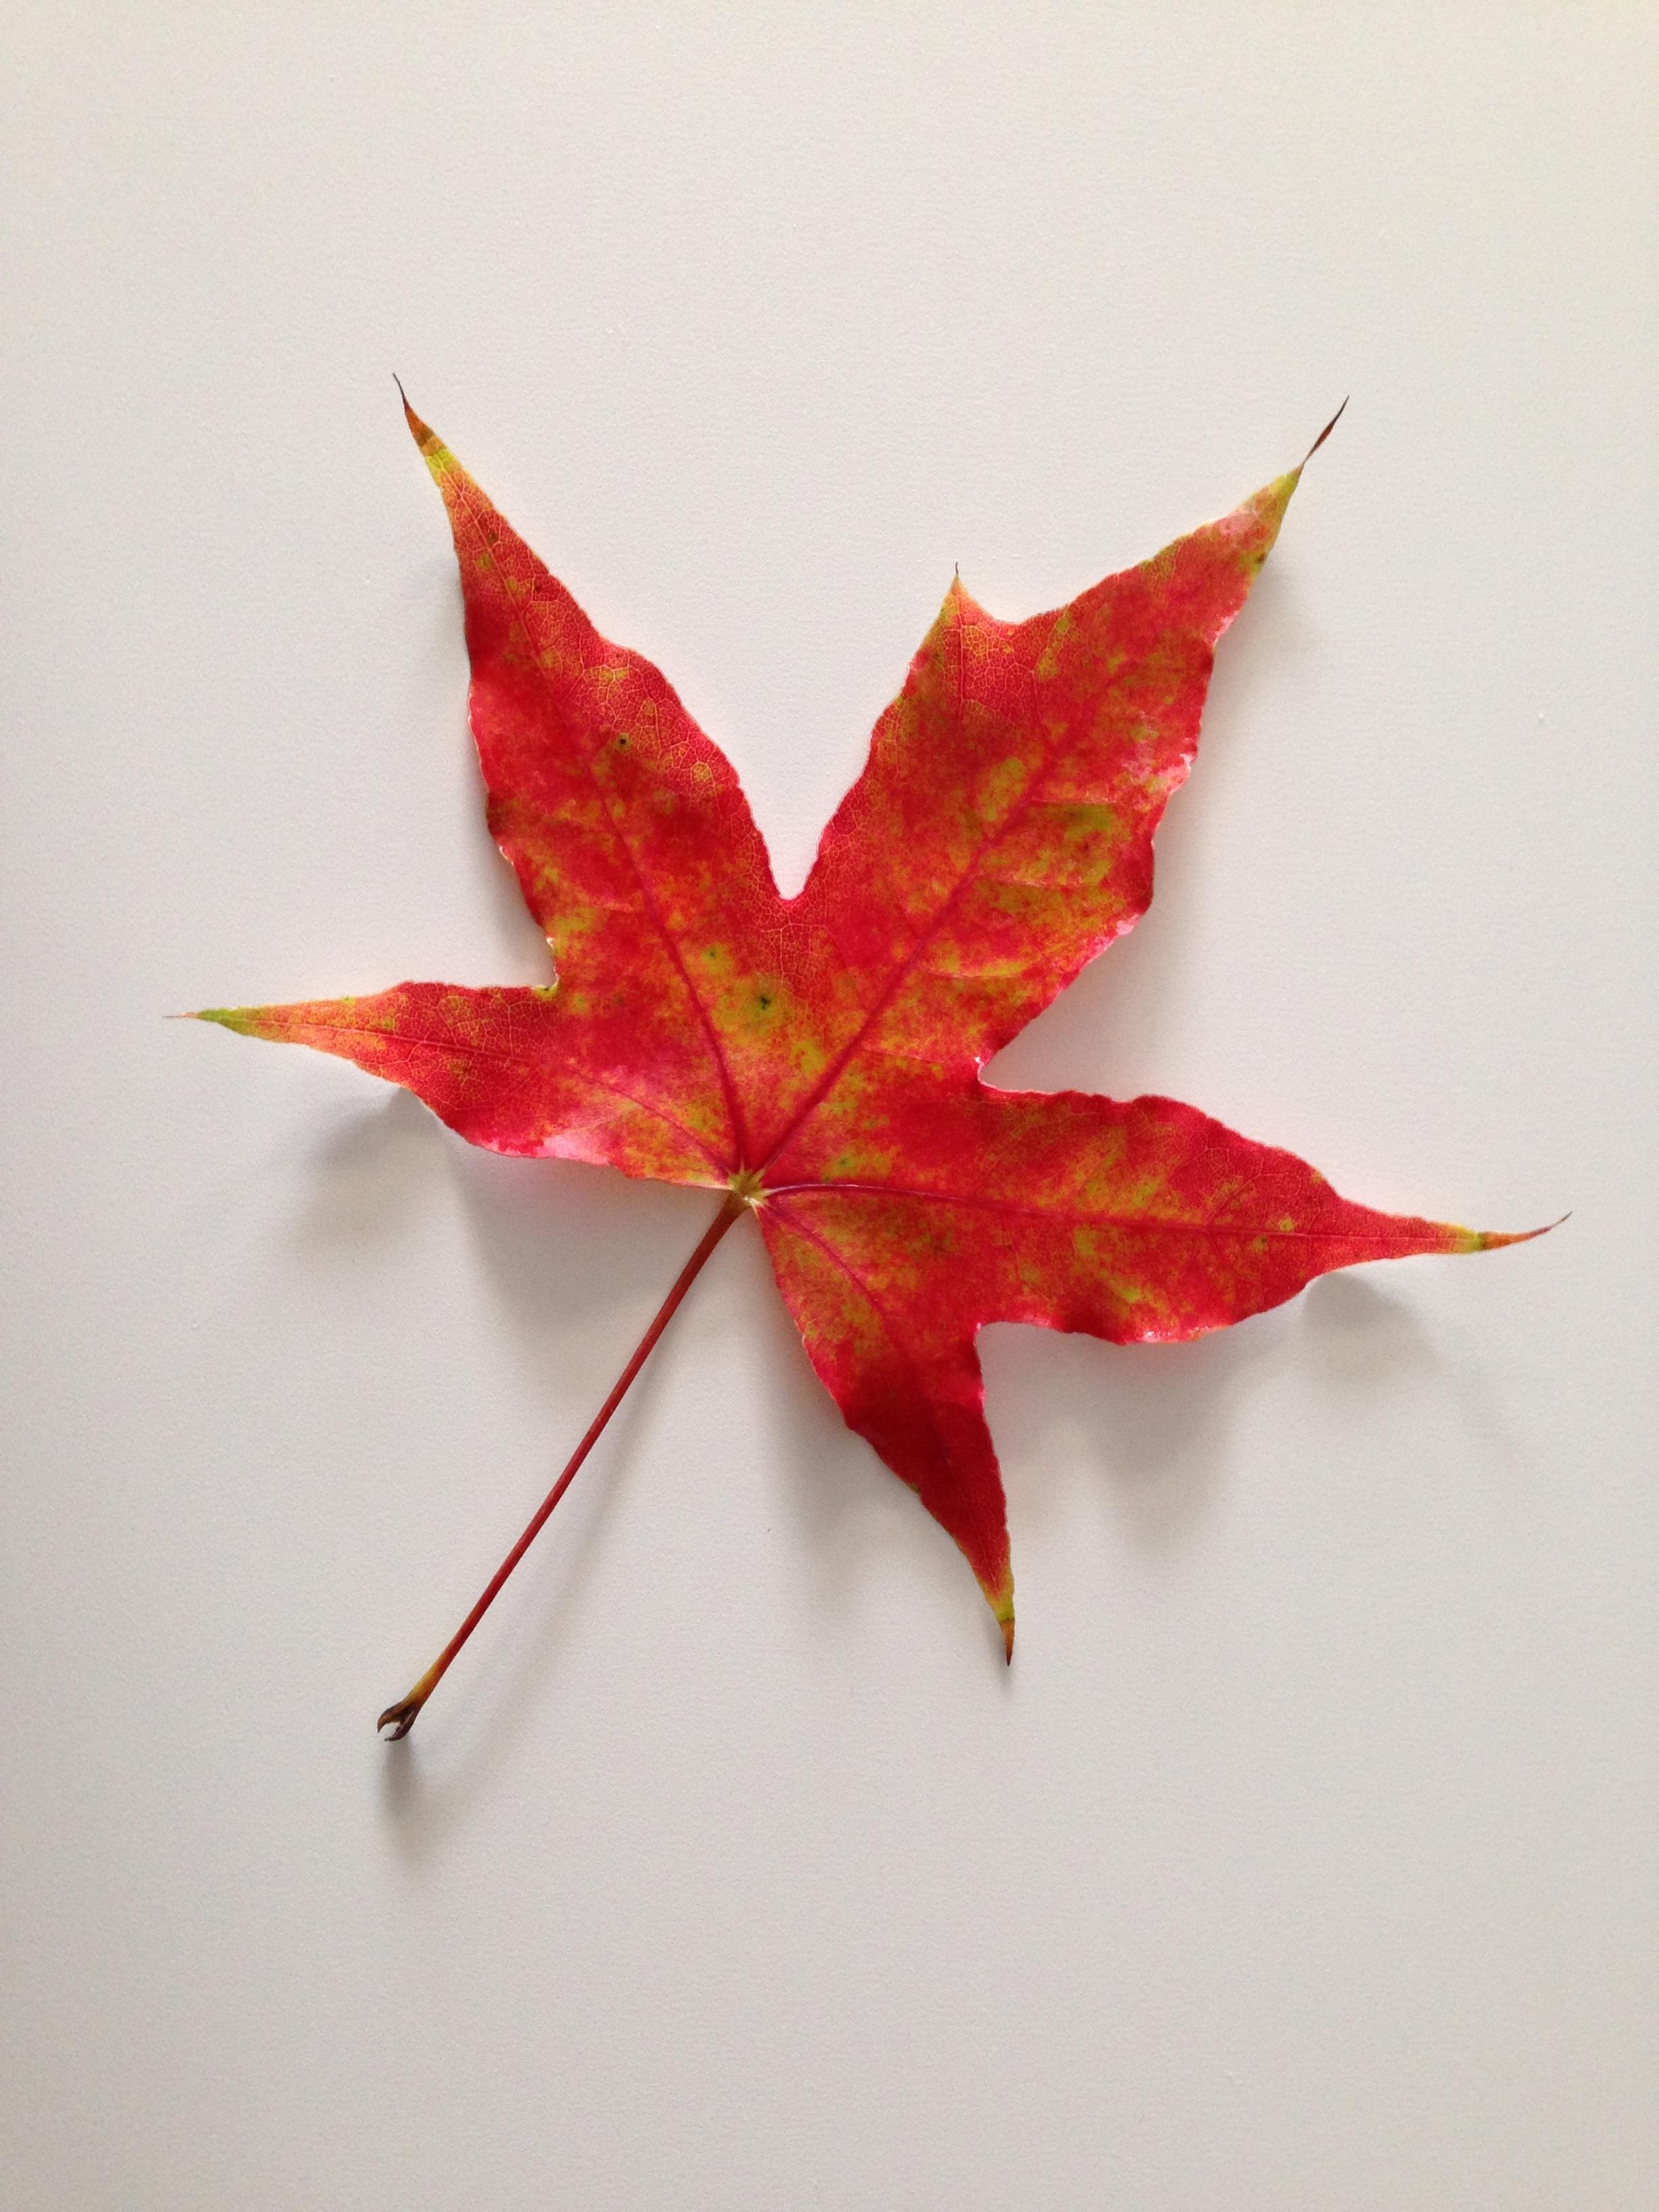 Flower Photography 무료 이미지 분기 꽃잎 빨간 생기게 하다 가을 시즌 단풍 나무 작은 가지 단풍잎